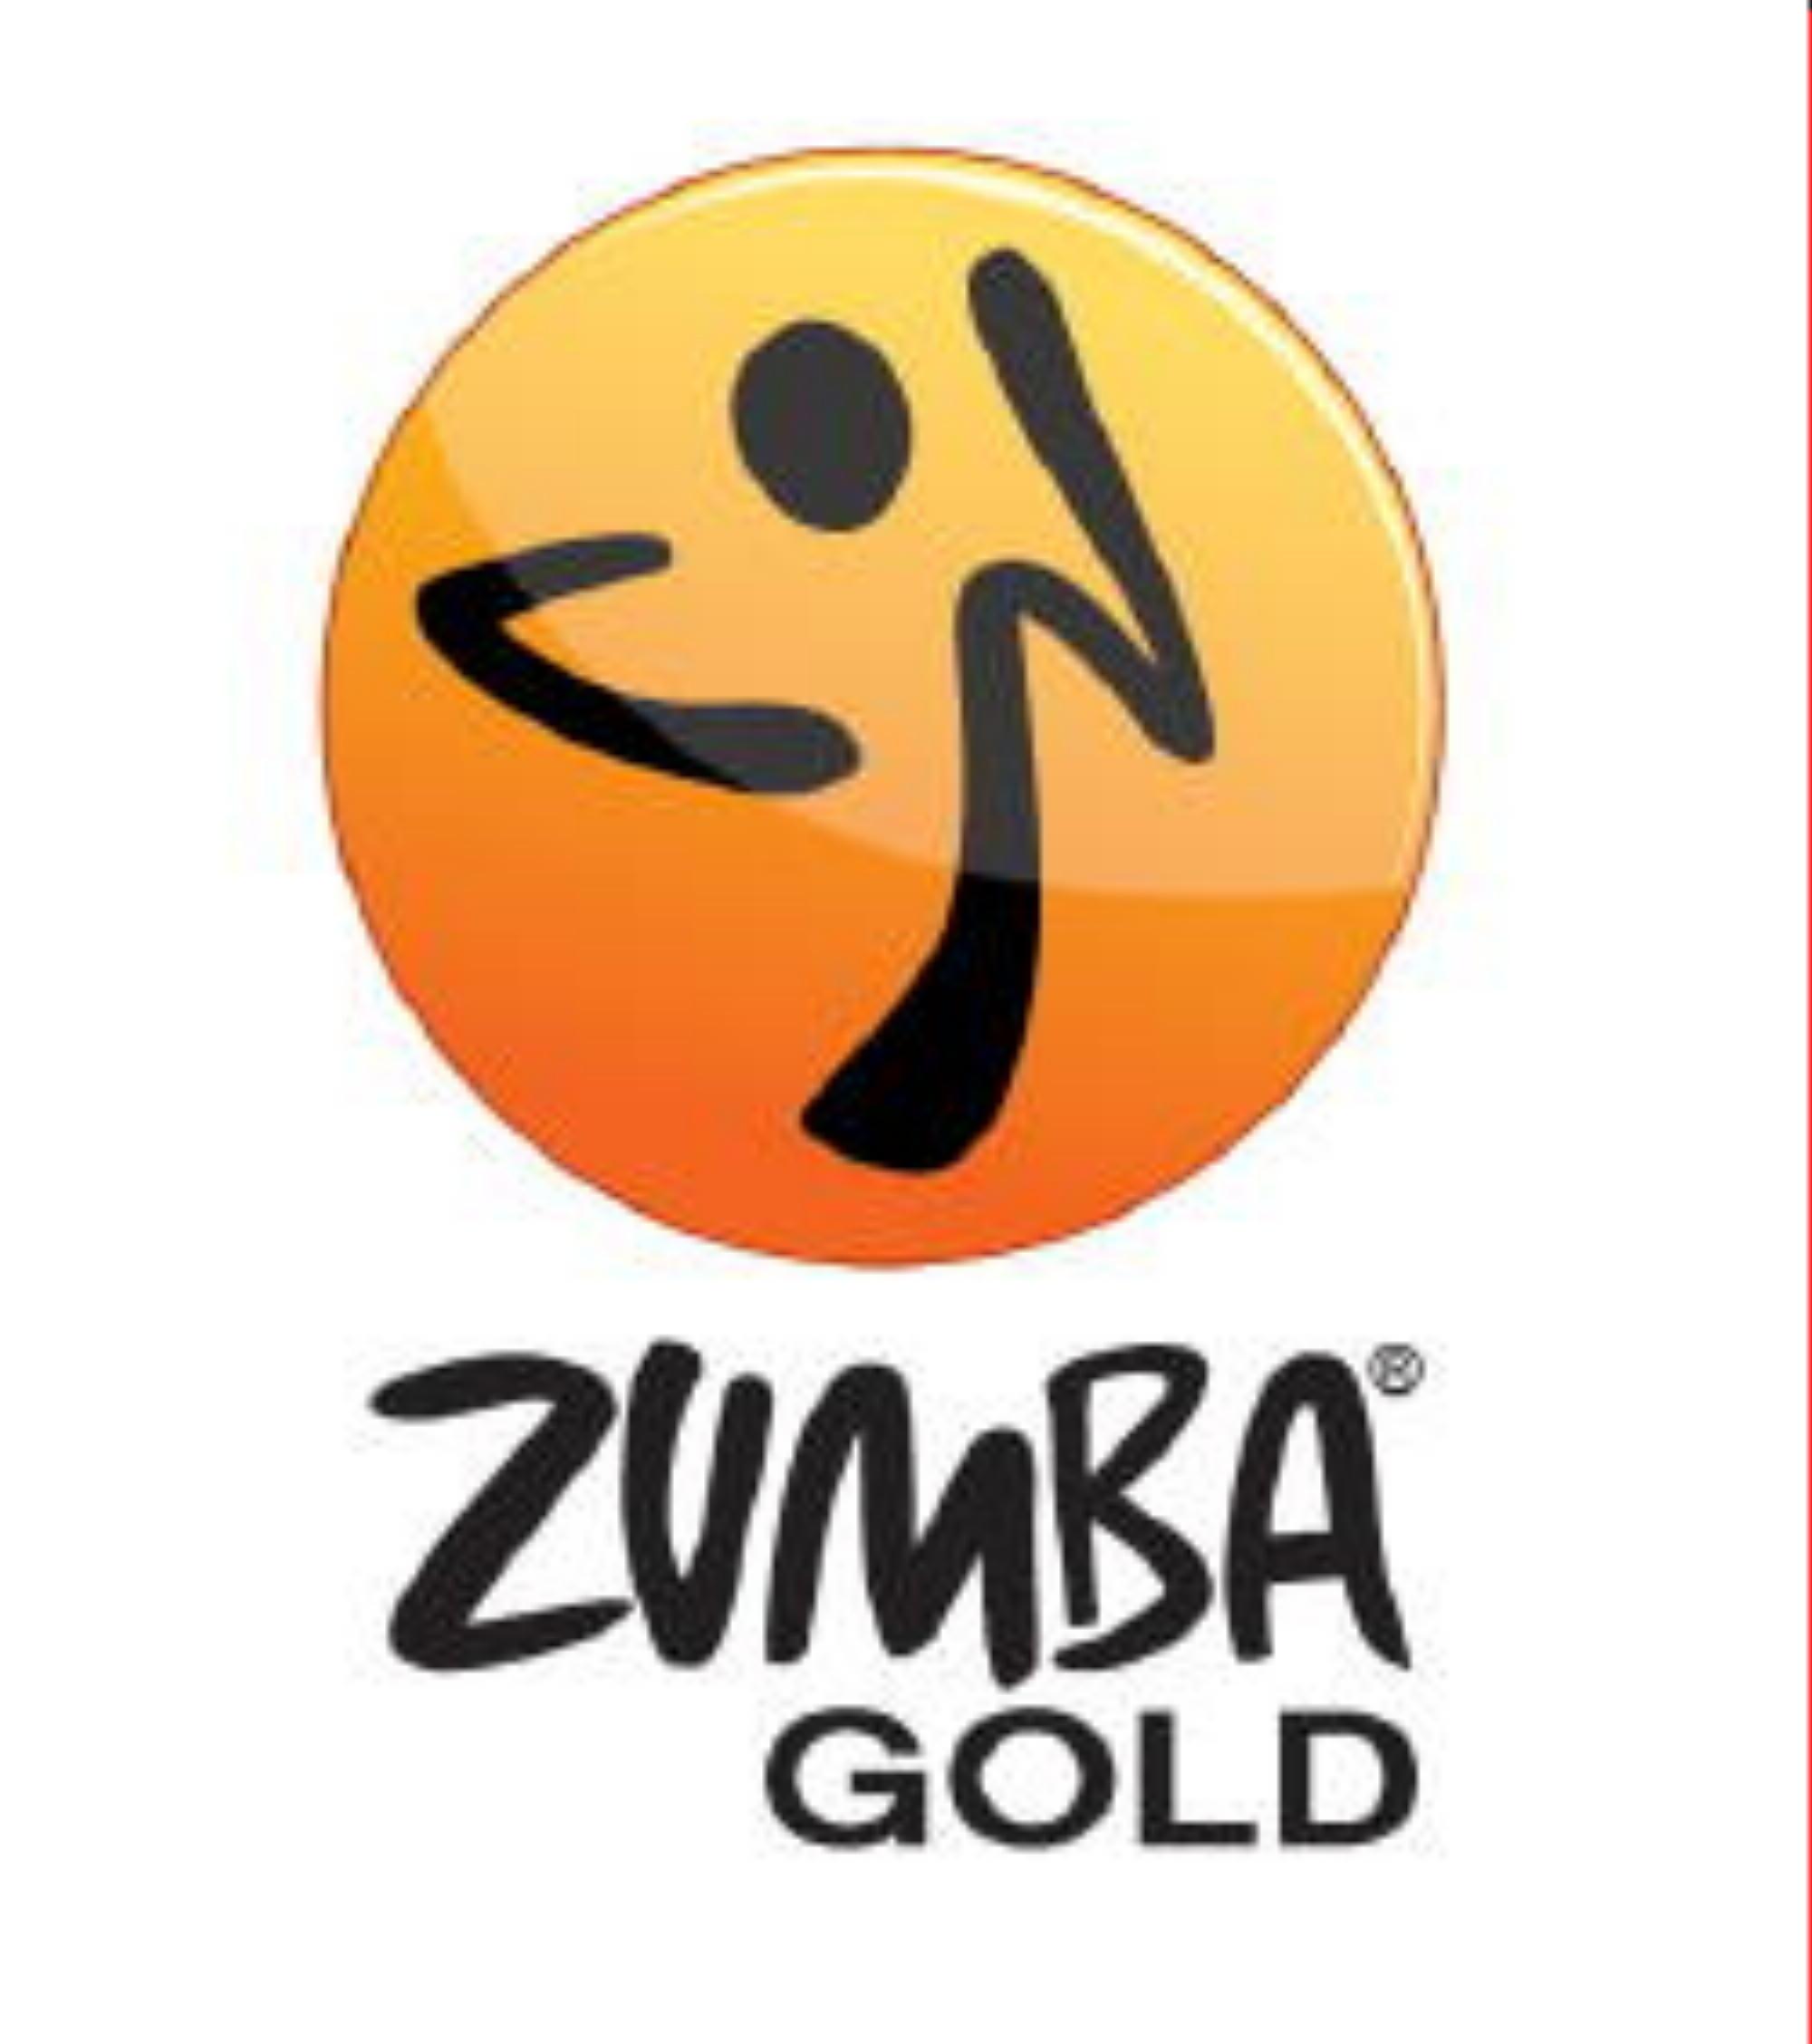 Zumba logo clip art 2